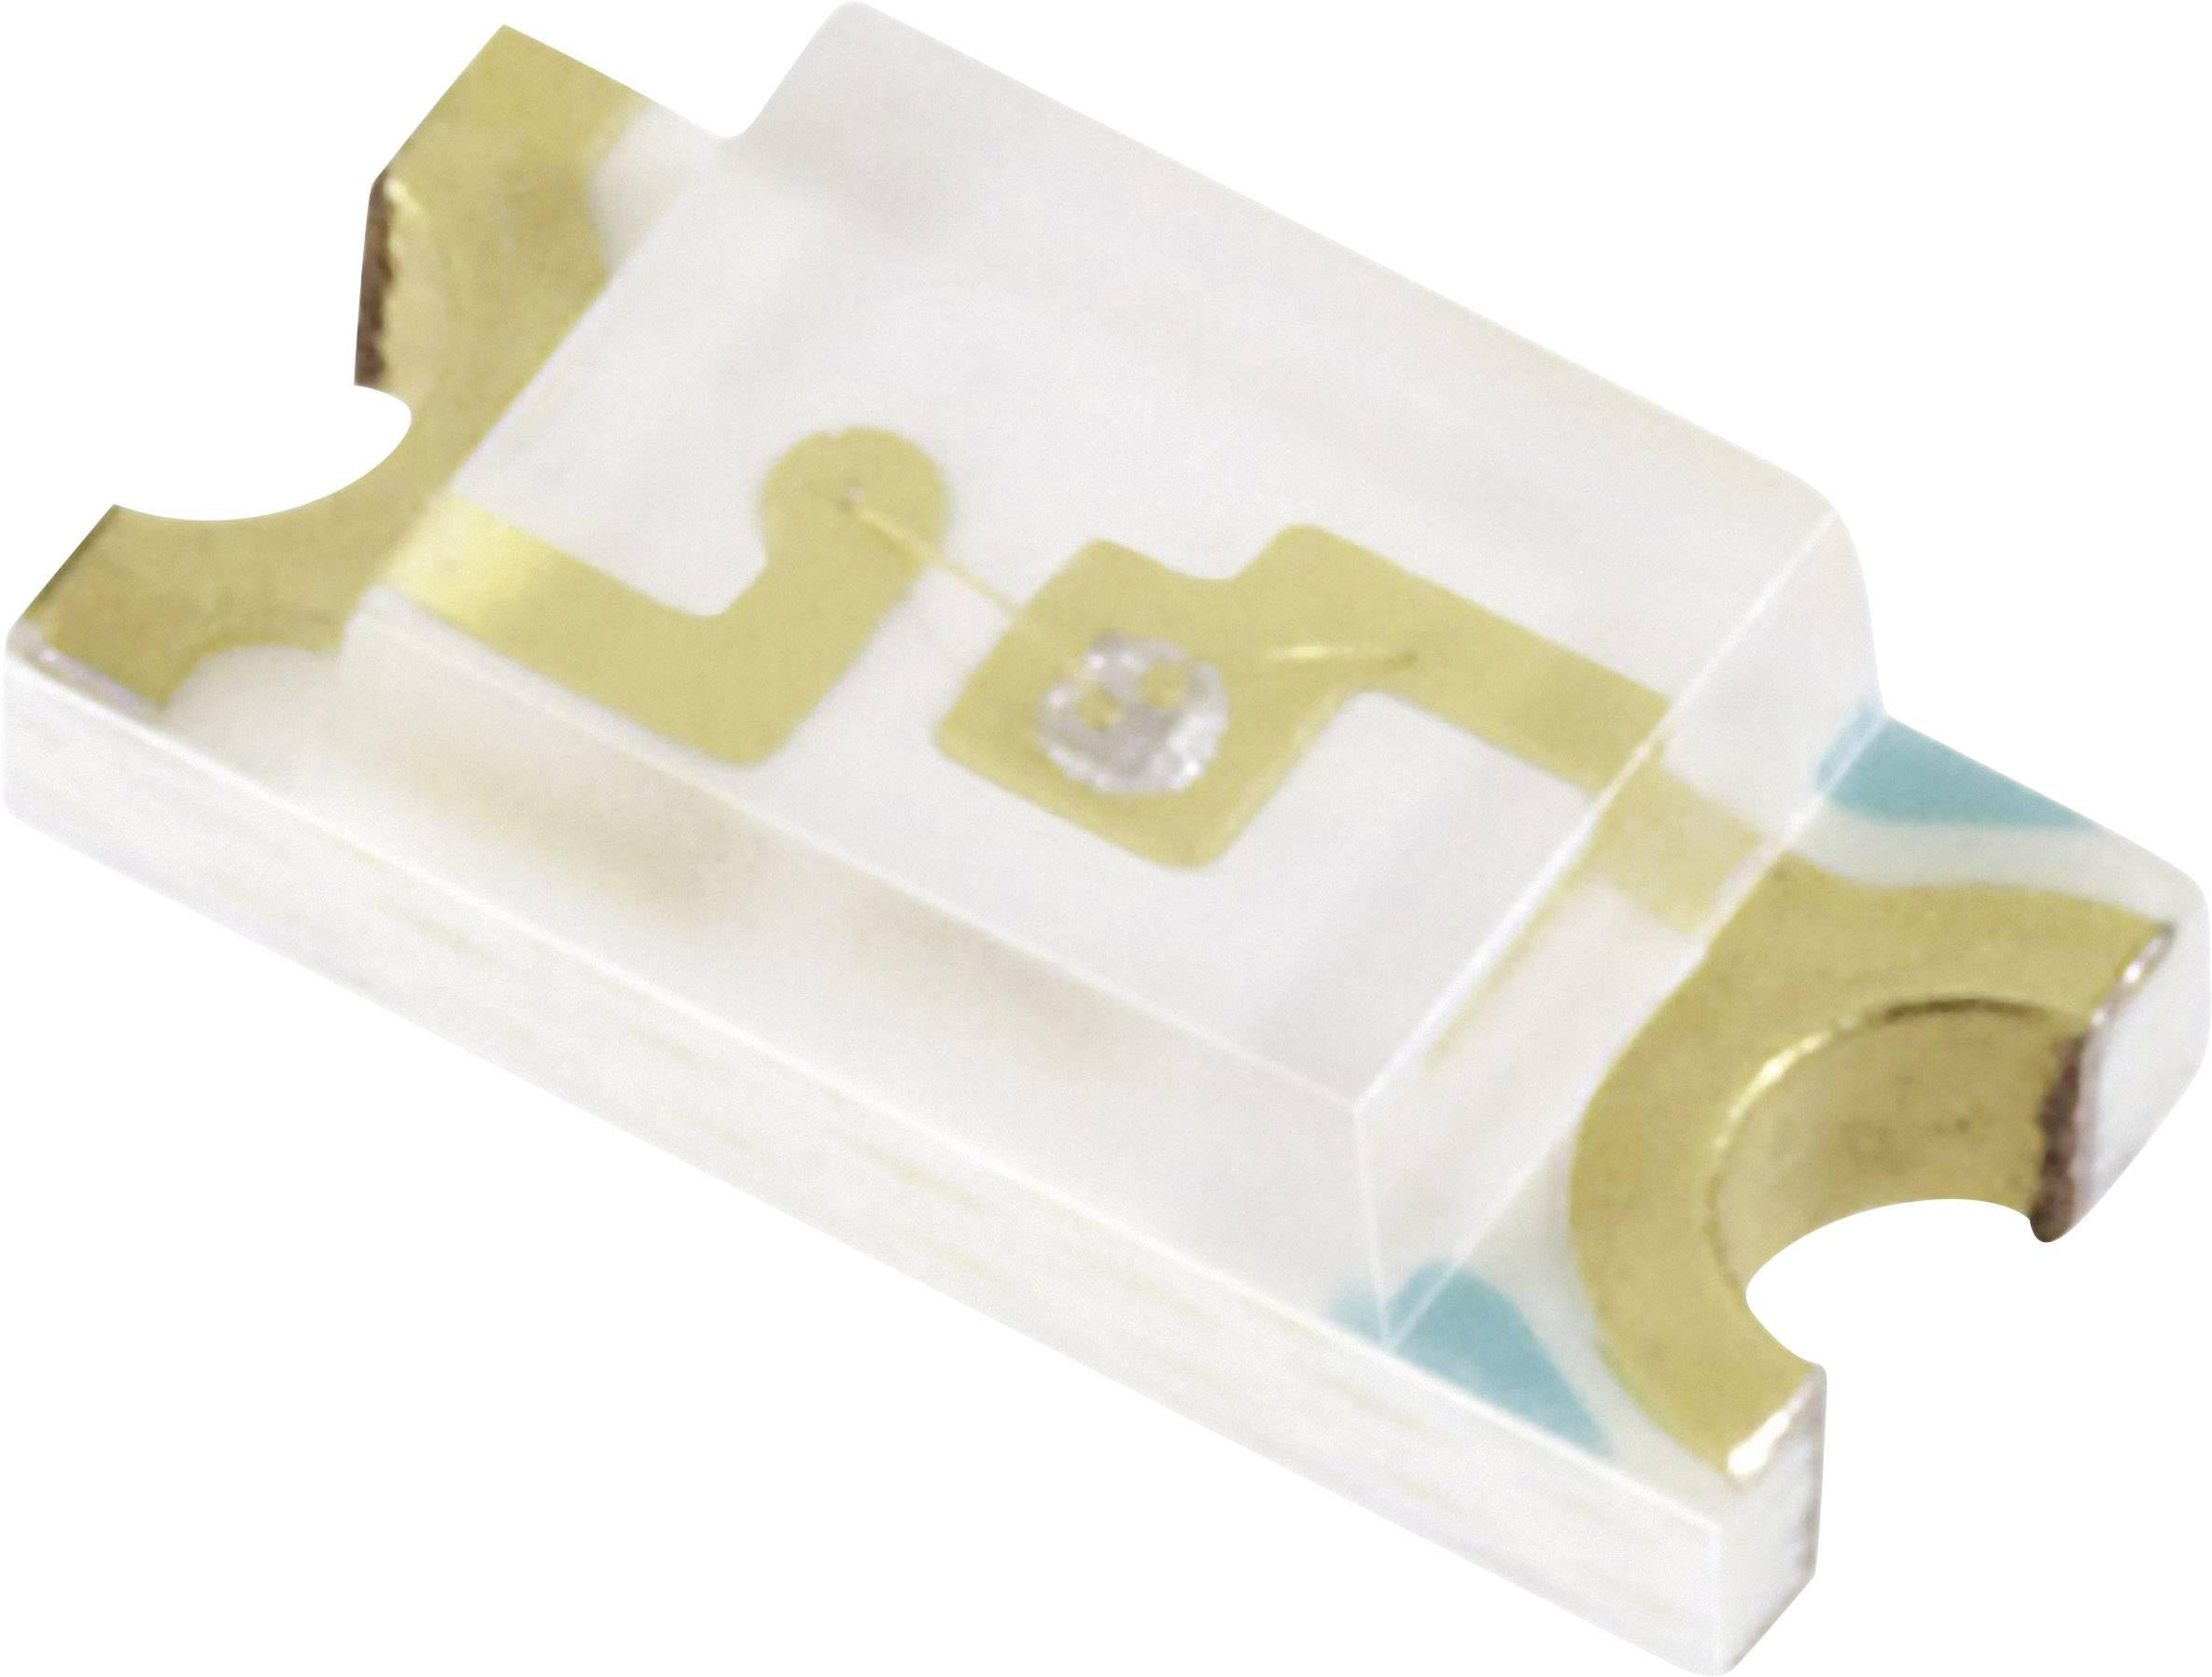 SMDLED Everlight Opto 15-21UYC/S530-A2/TR8, 39 mcd, 140 °, 20 mA, 2 V, 15-21UYC/S530-A2/TR8, žltá